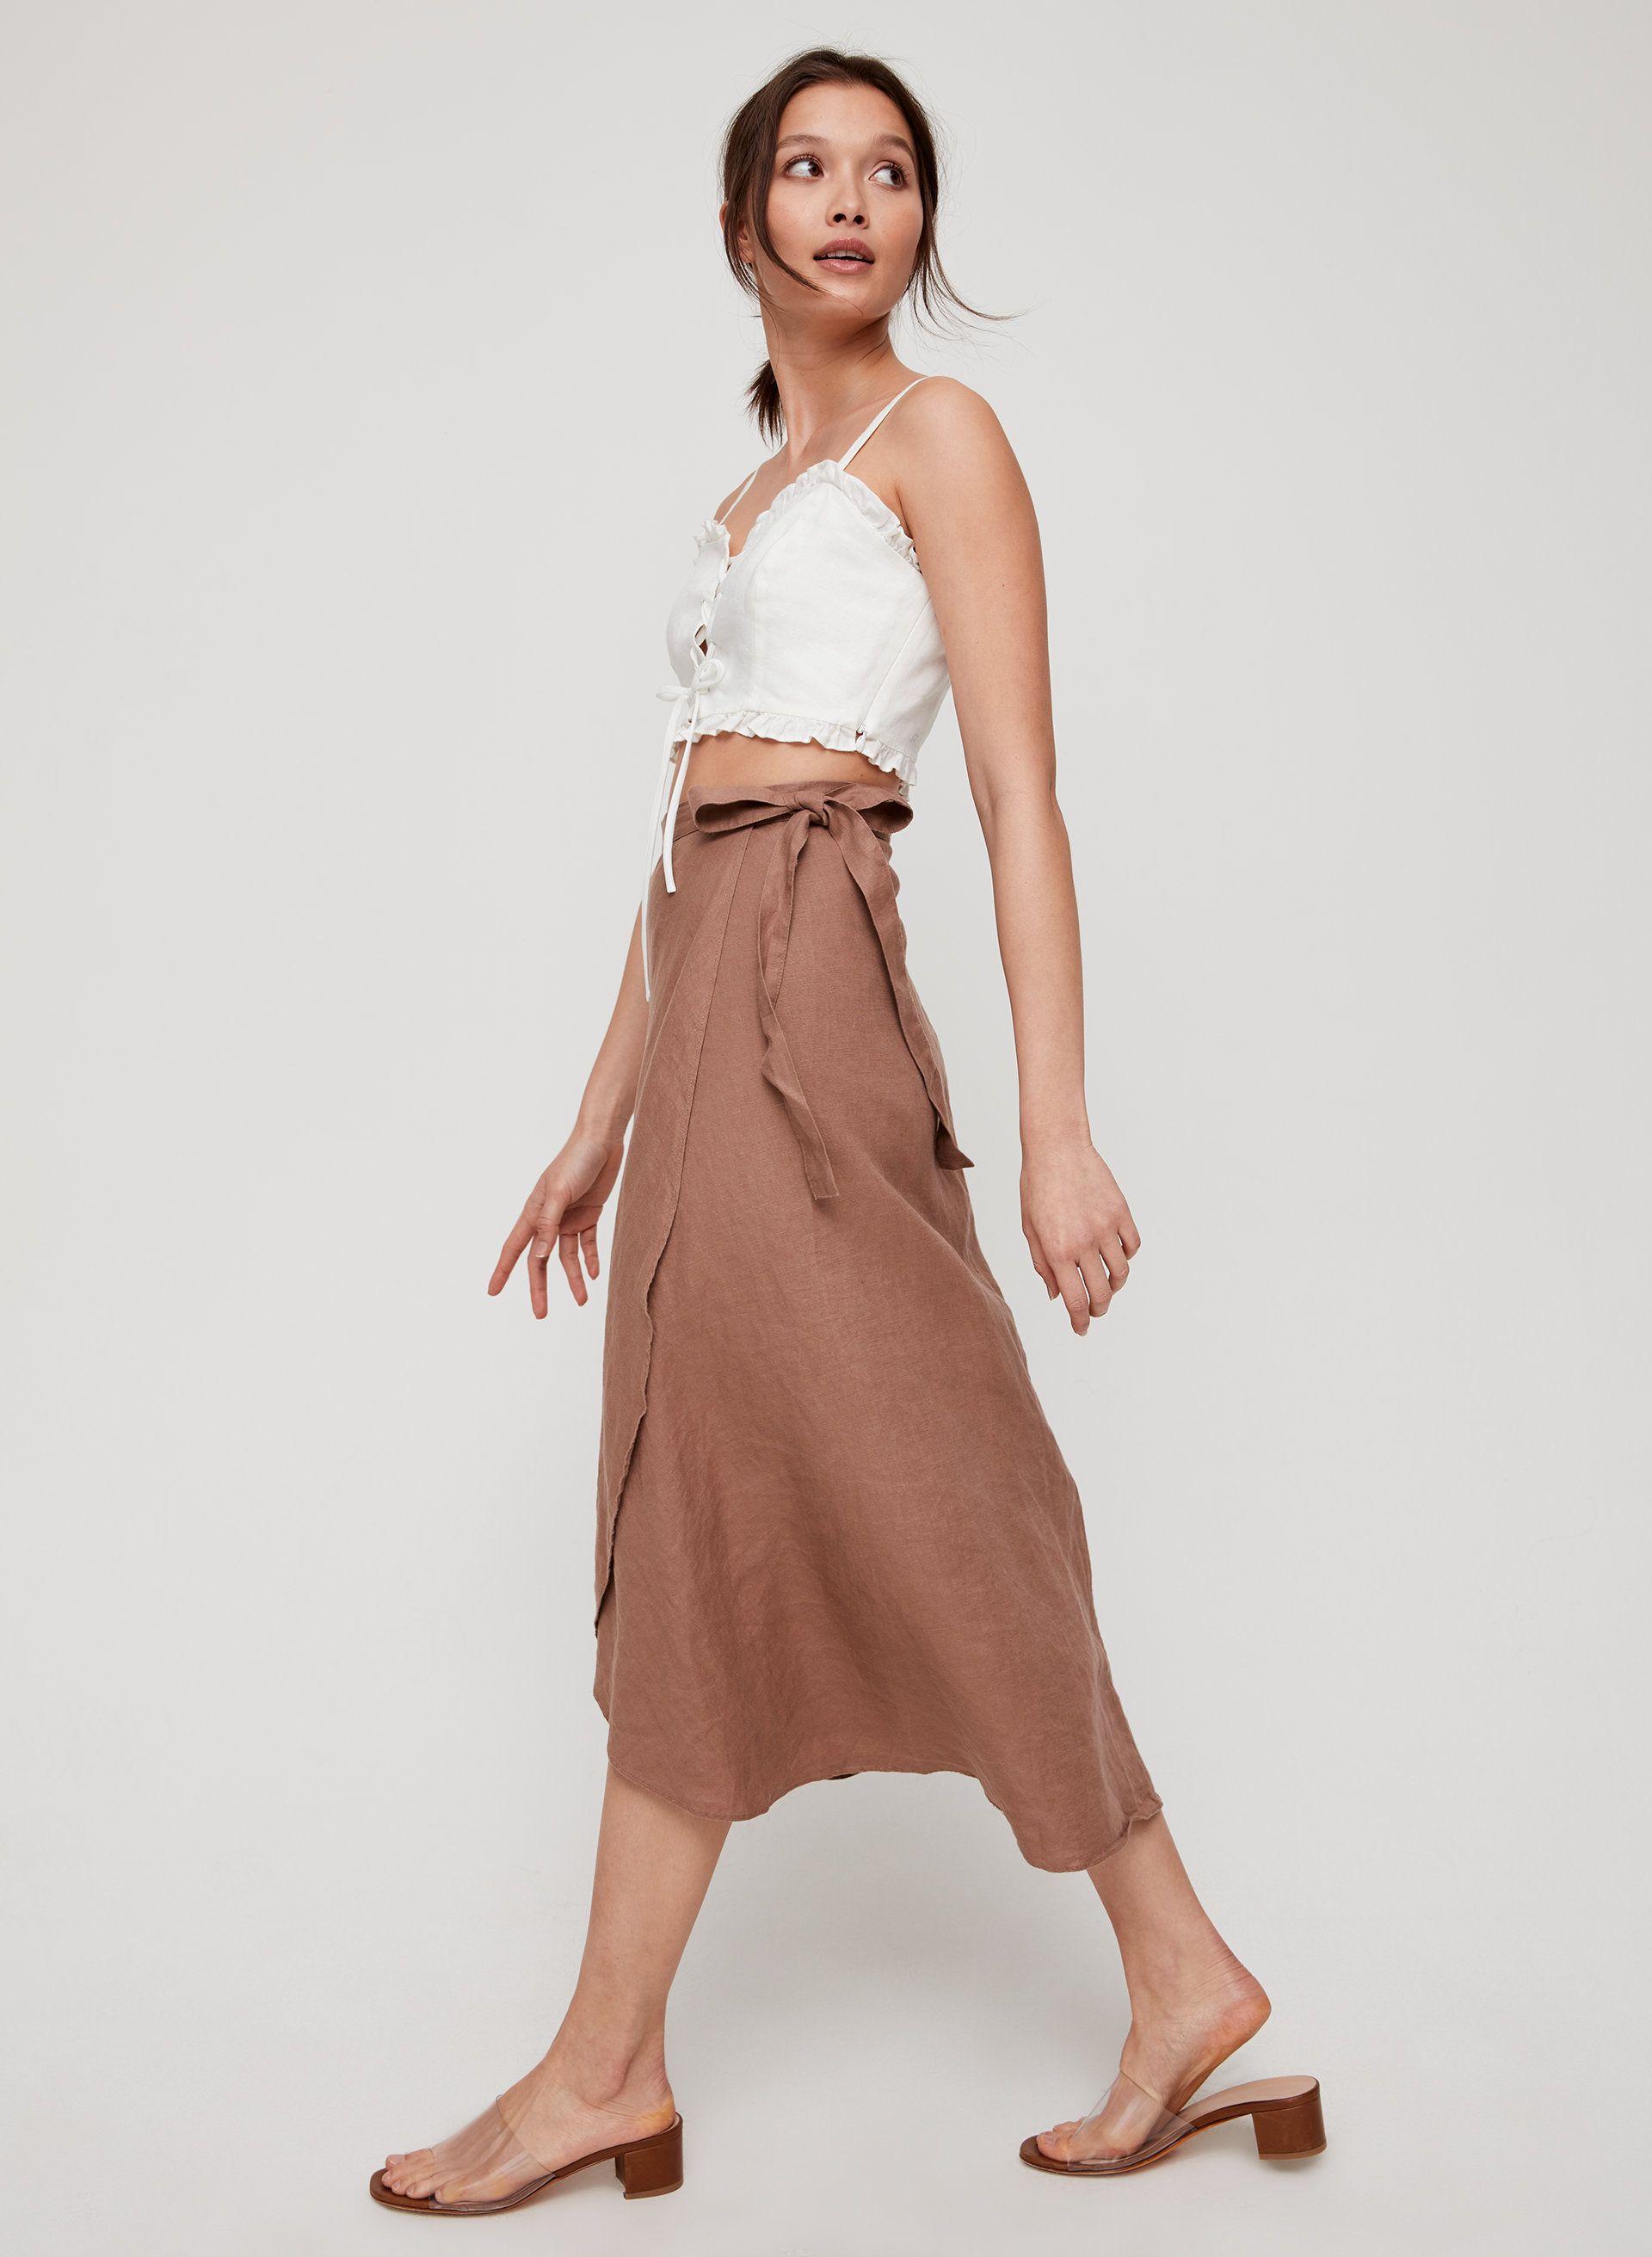 Eleta skirt | honey moon in 2019 | Skirts, High waisted